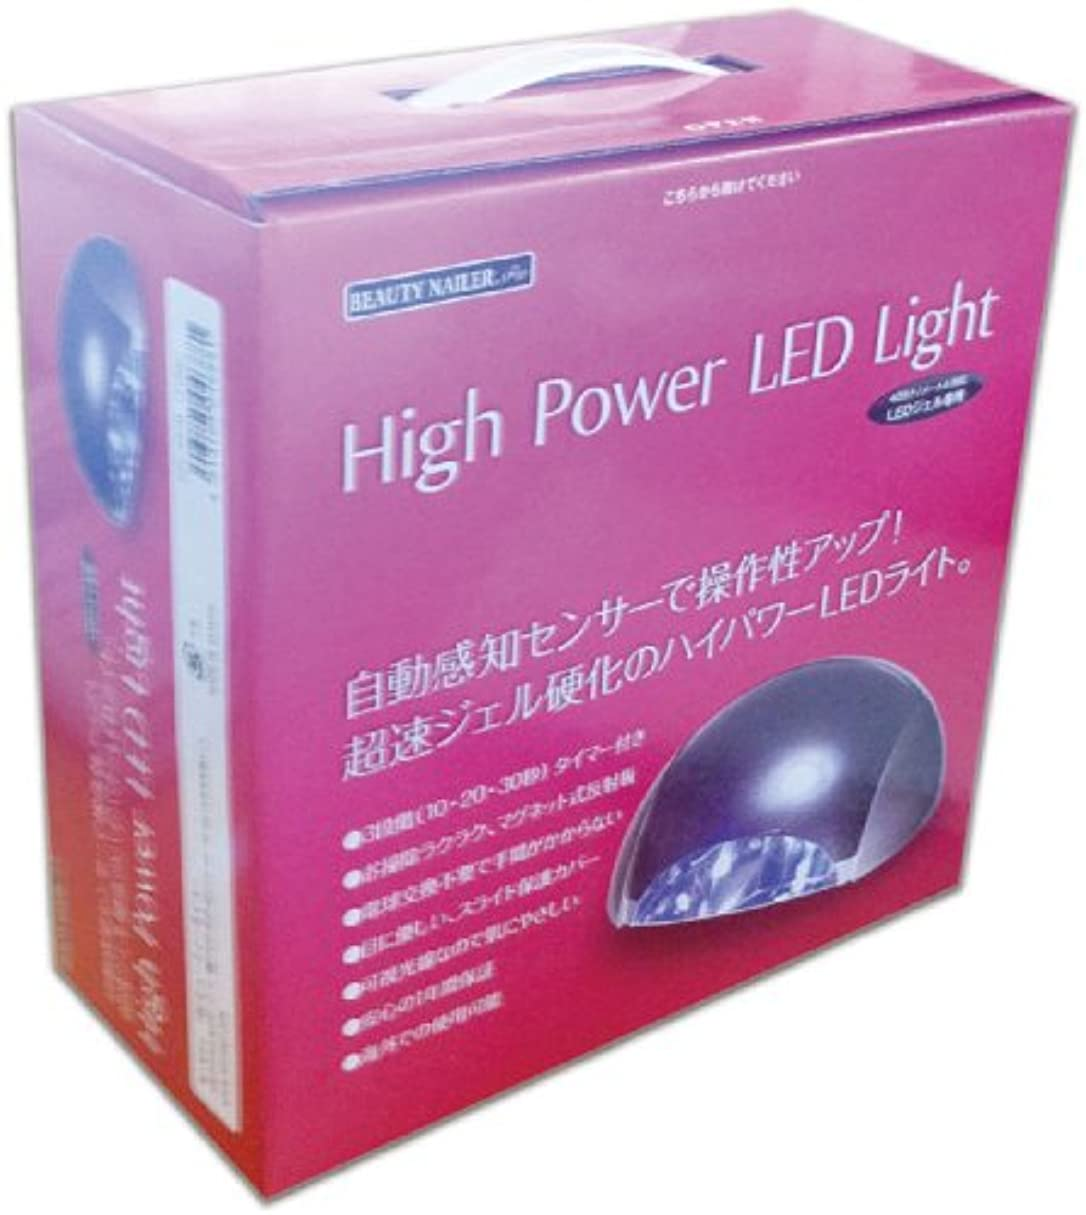 上院敬責めビューティーネイラー ハイパワーLEDライト HPL-40GB パールブラック